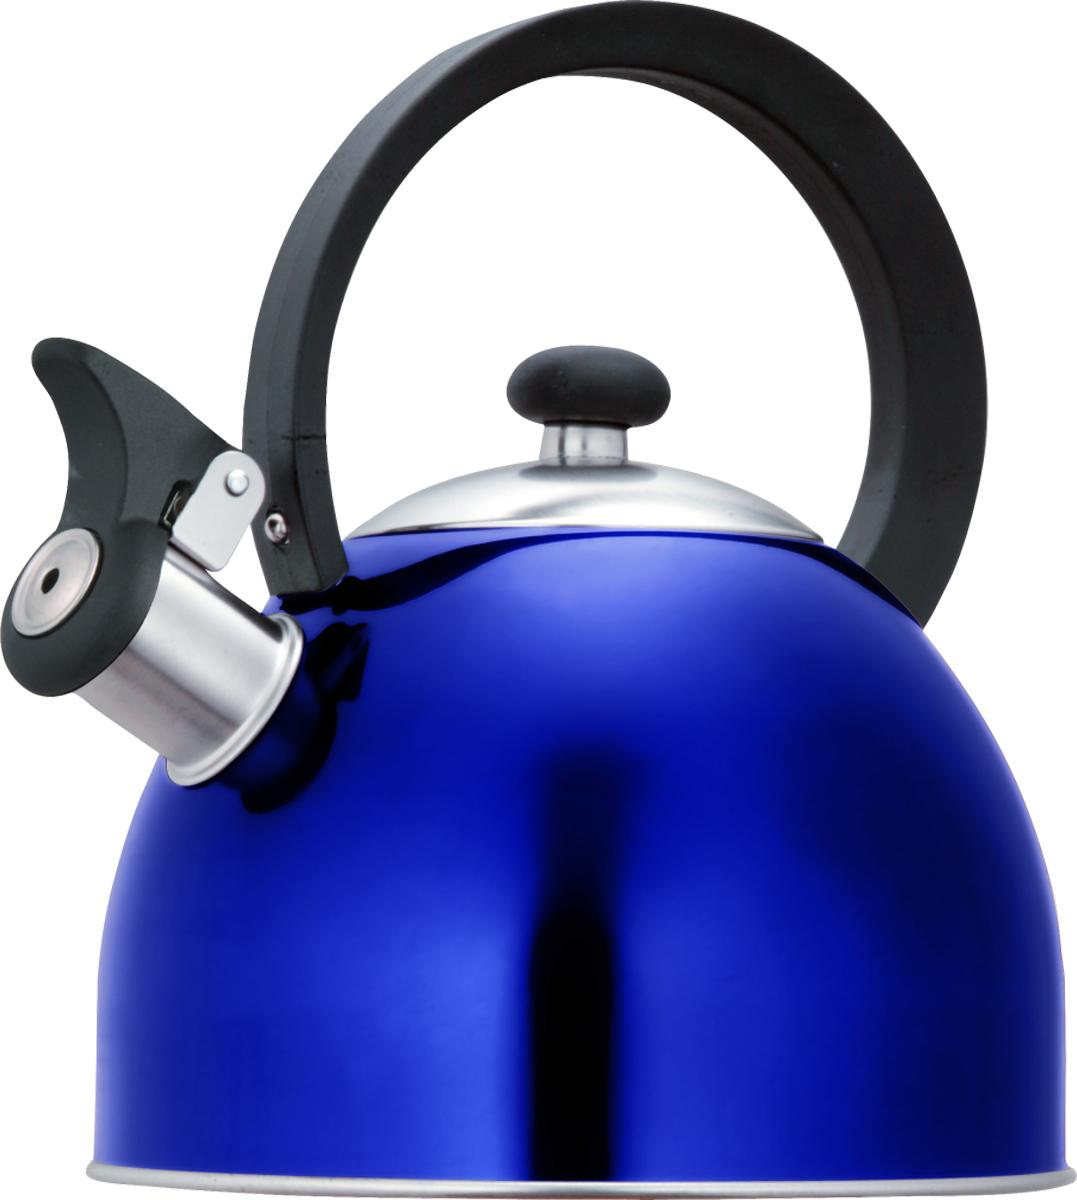 Чайник Lumme со свистком, цвет: синий, 1,8 лLU-256 синийЧайник в корпусе из высококачественной пищевой нержавеющей стали с термостойкой ненагревающейся ручкой и свистком, поднимающимся с помощью рычажка.Высококачественная нержавеющая сталь не имеет запаха, не выделяет примесей и сохраняет все природные натуральные свойства воды.Свисток на носике чайника - привычный элемент комфорта и безопасности, потому что своевременный сигнал о готовности кипятка сэкономит время и электроэнергию, вода никогда не выкипит полностью, и чайник прослужит очень долго.Оригинальный механизм поднятия свистка с помощью рычажка добавляет чайнику индивидуальности, он необычайно комфортен в использовании и может стать хорошим подарком для близких.Чайник из нержавеющей стали подходит для всех видов плит, кроме индукционных: электрических, стеклокерамических, галогенных, газовых.